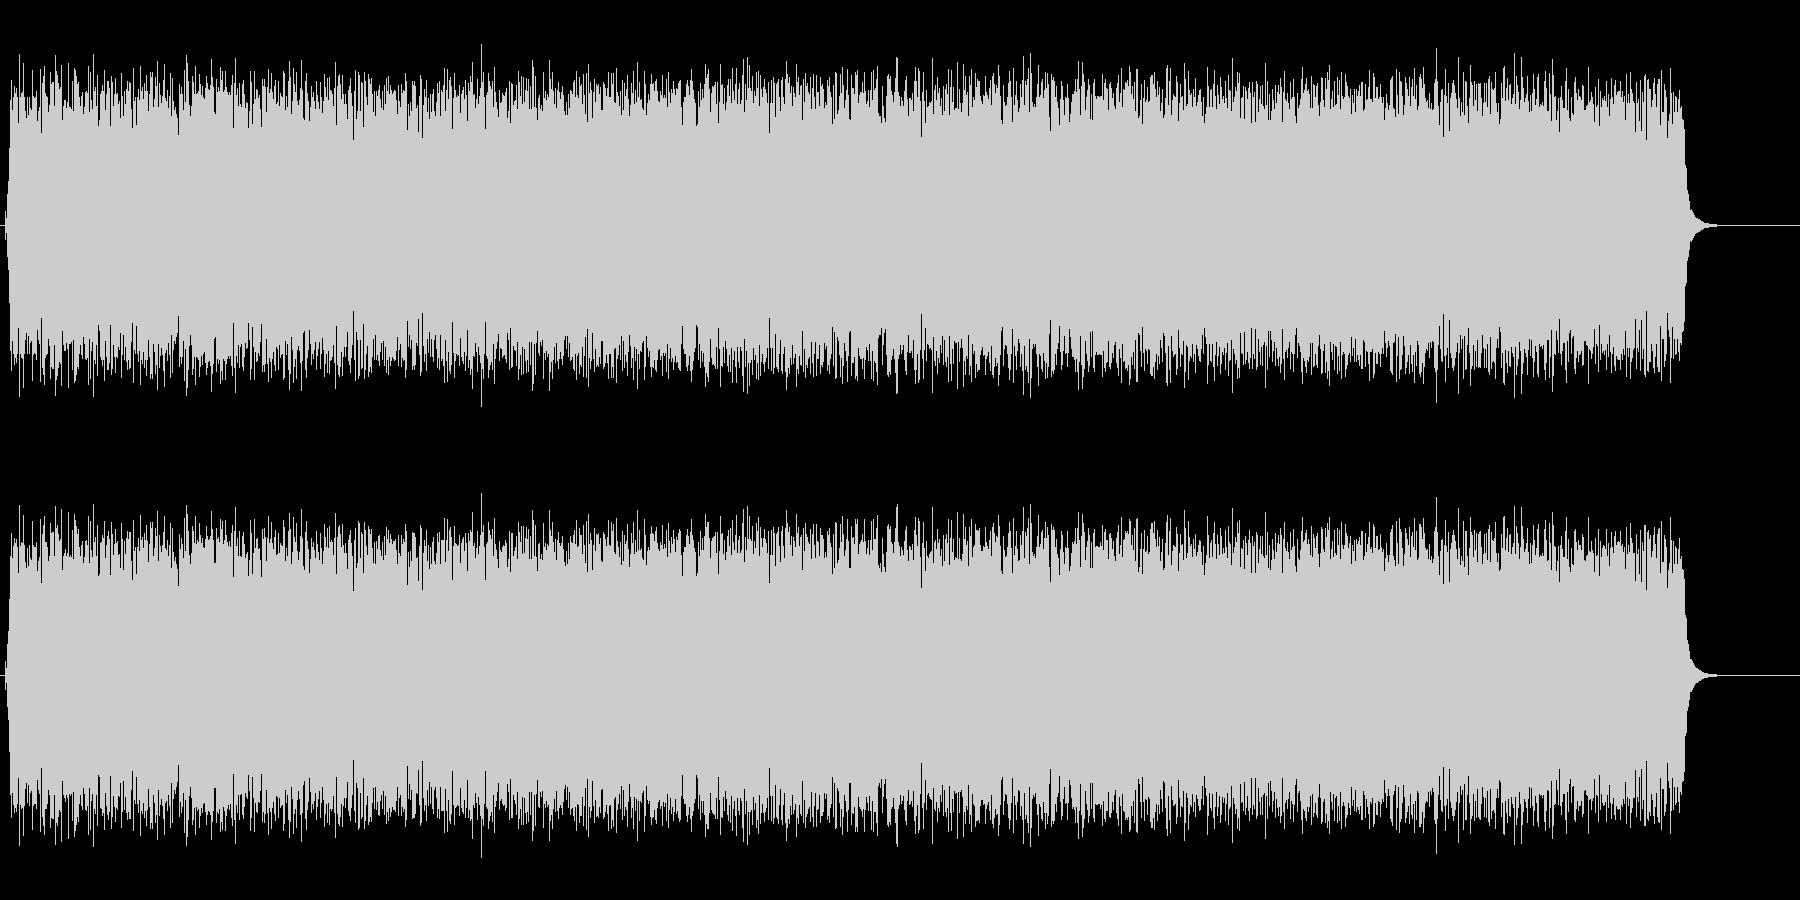 ジリリリリリリリリリン…朝の音の未再生の波形